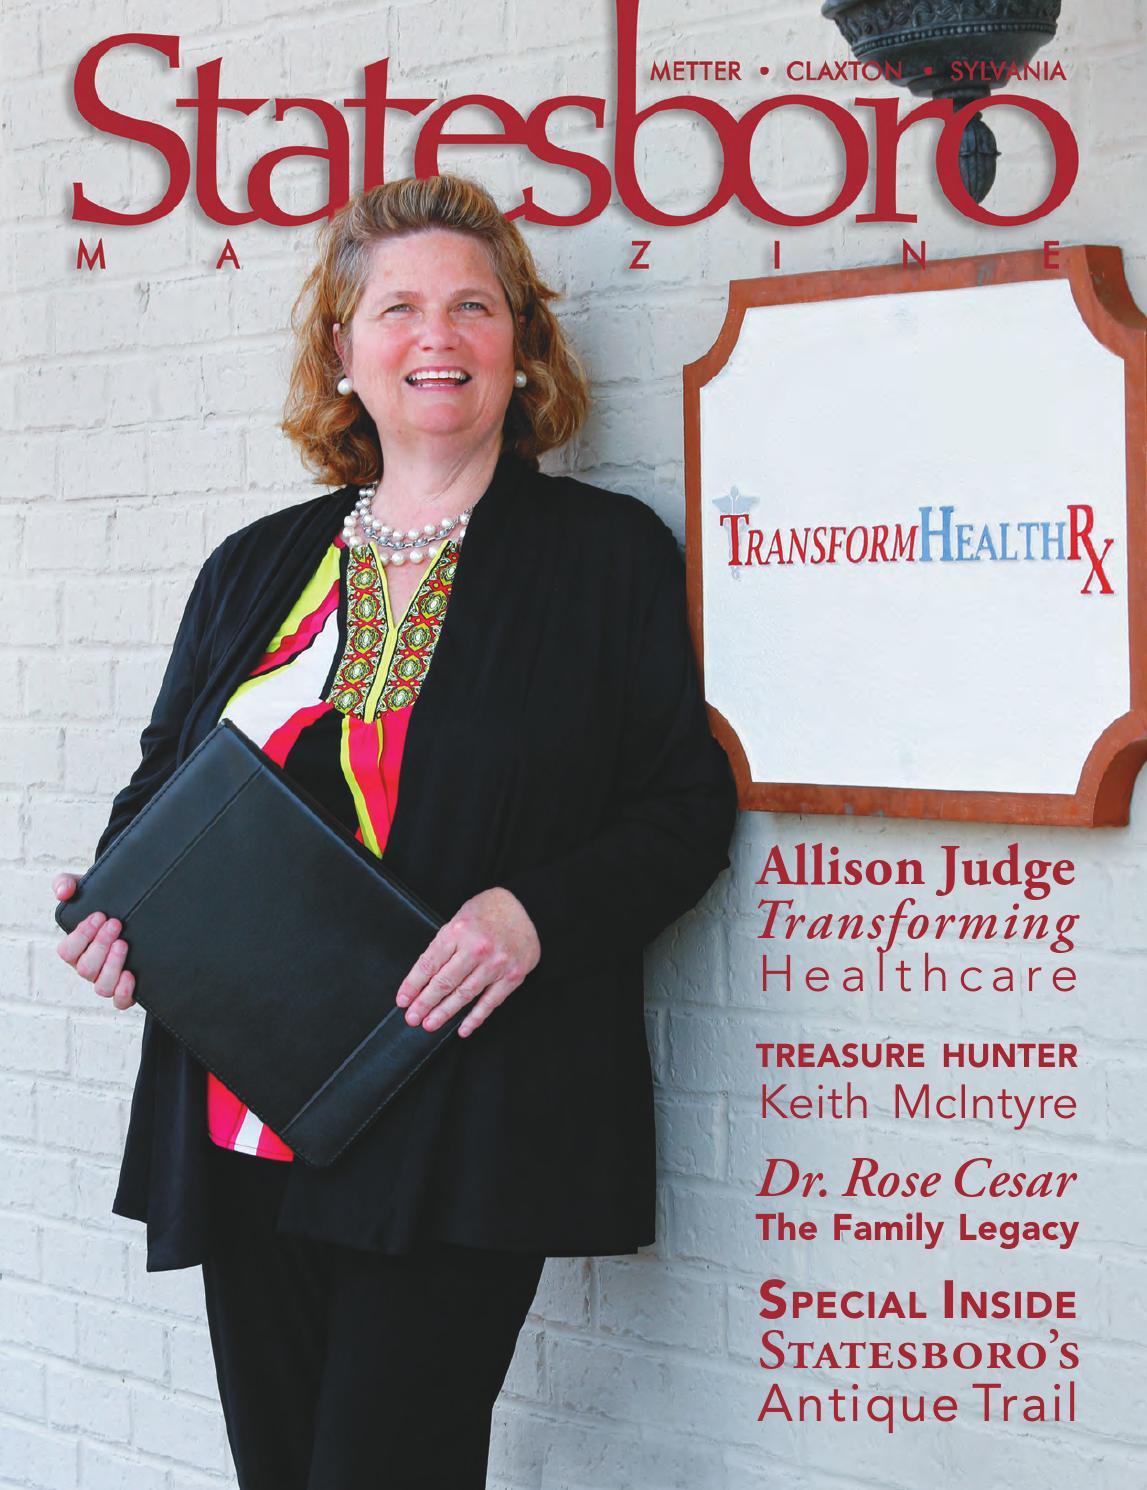 statesboro magazine mayjune 2013 by statesboro magazine